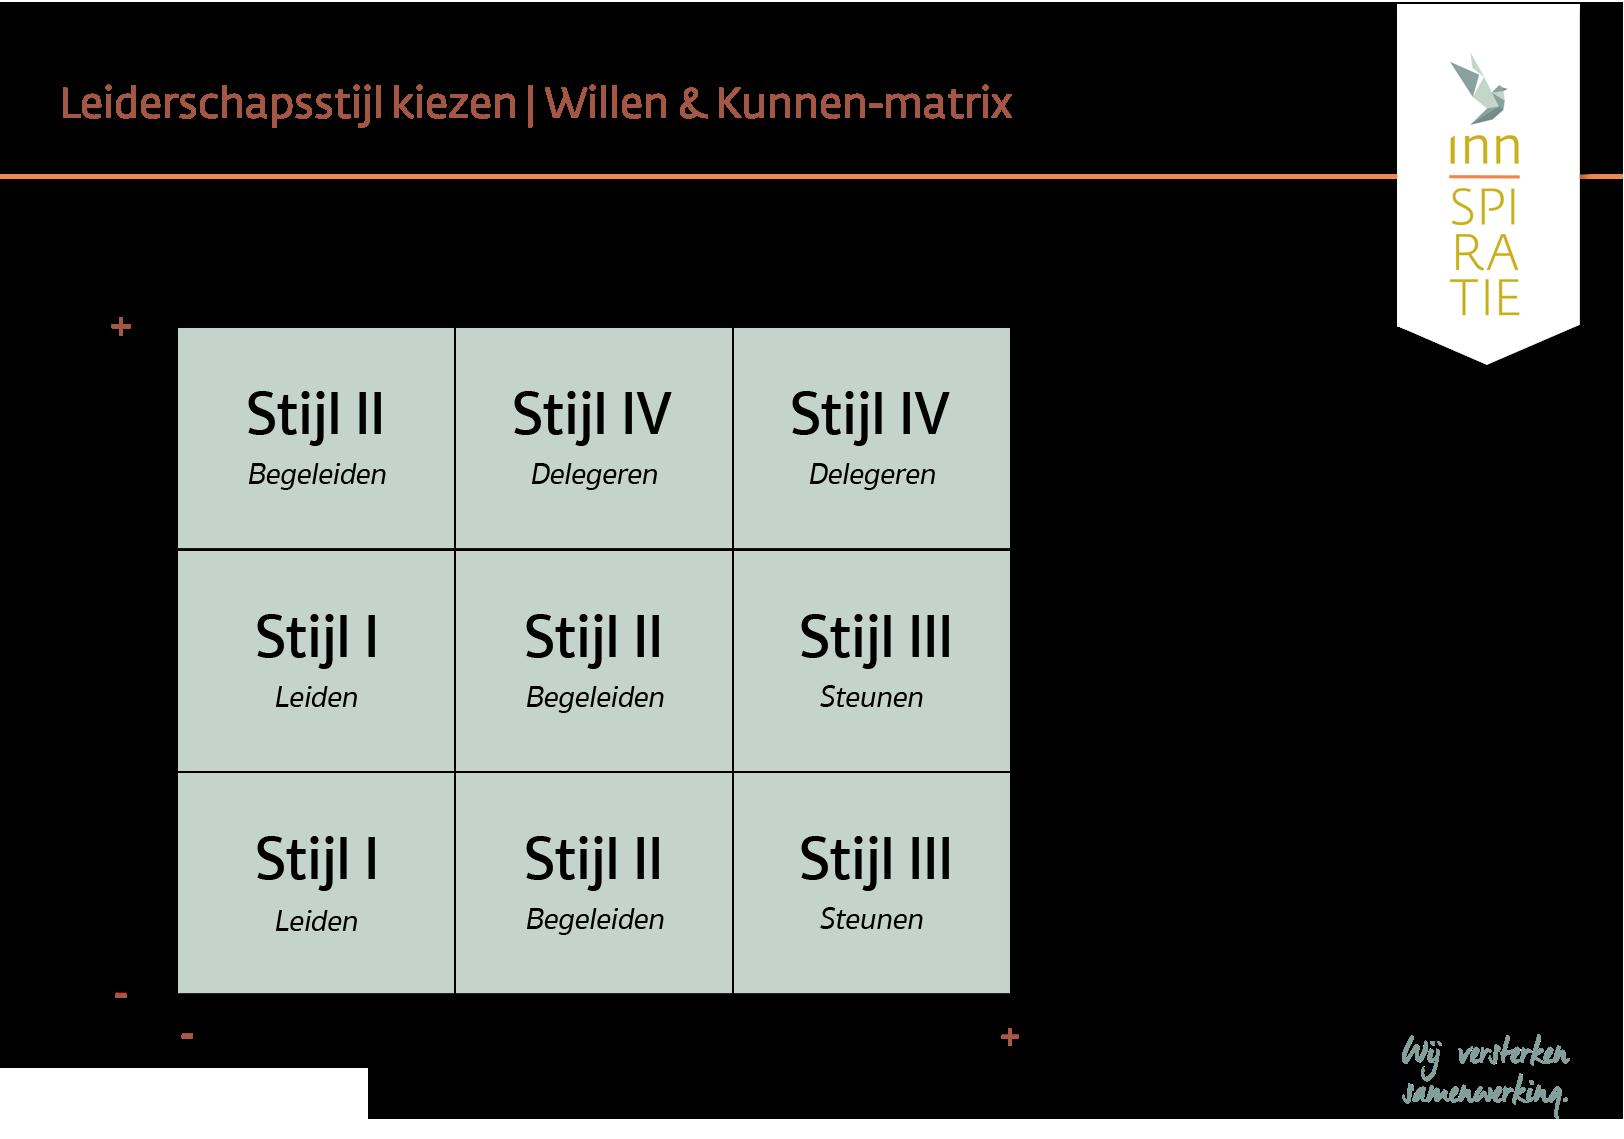 Inn-spiratie Willen & Kunnen-matrix